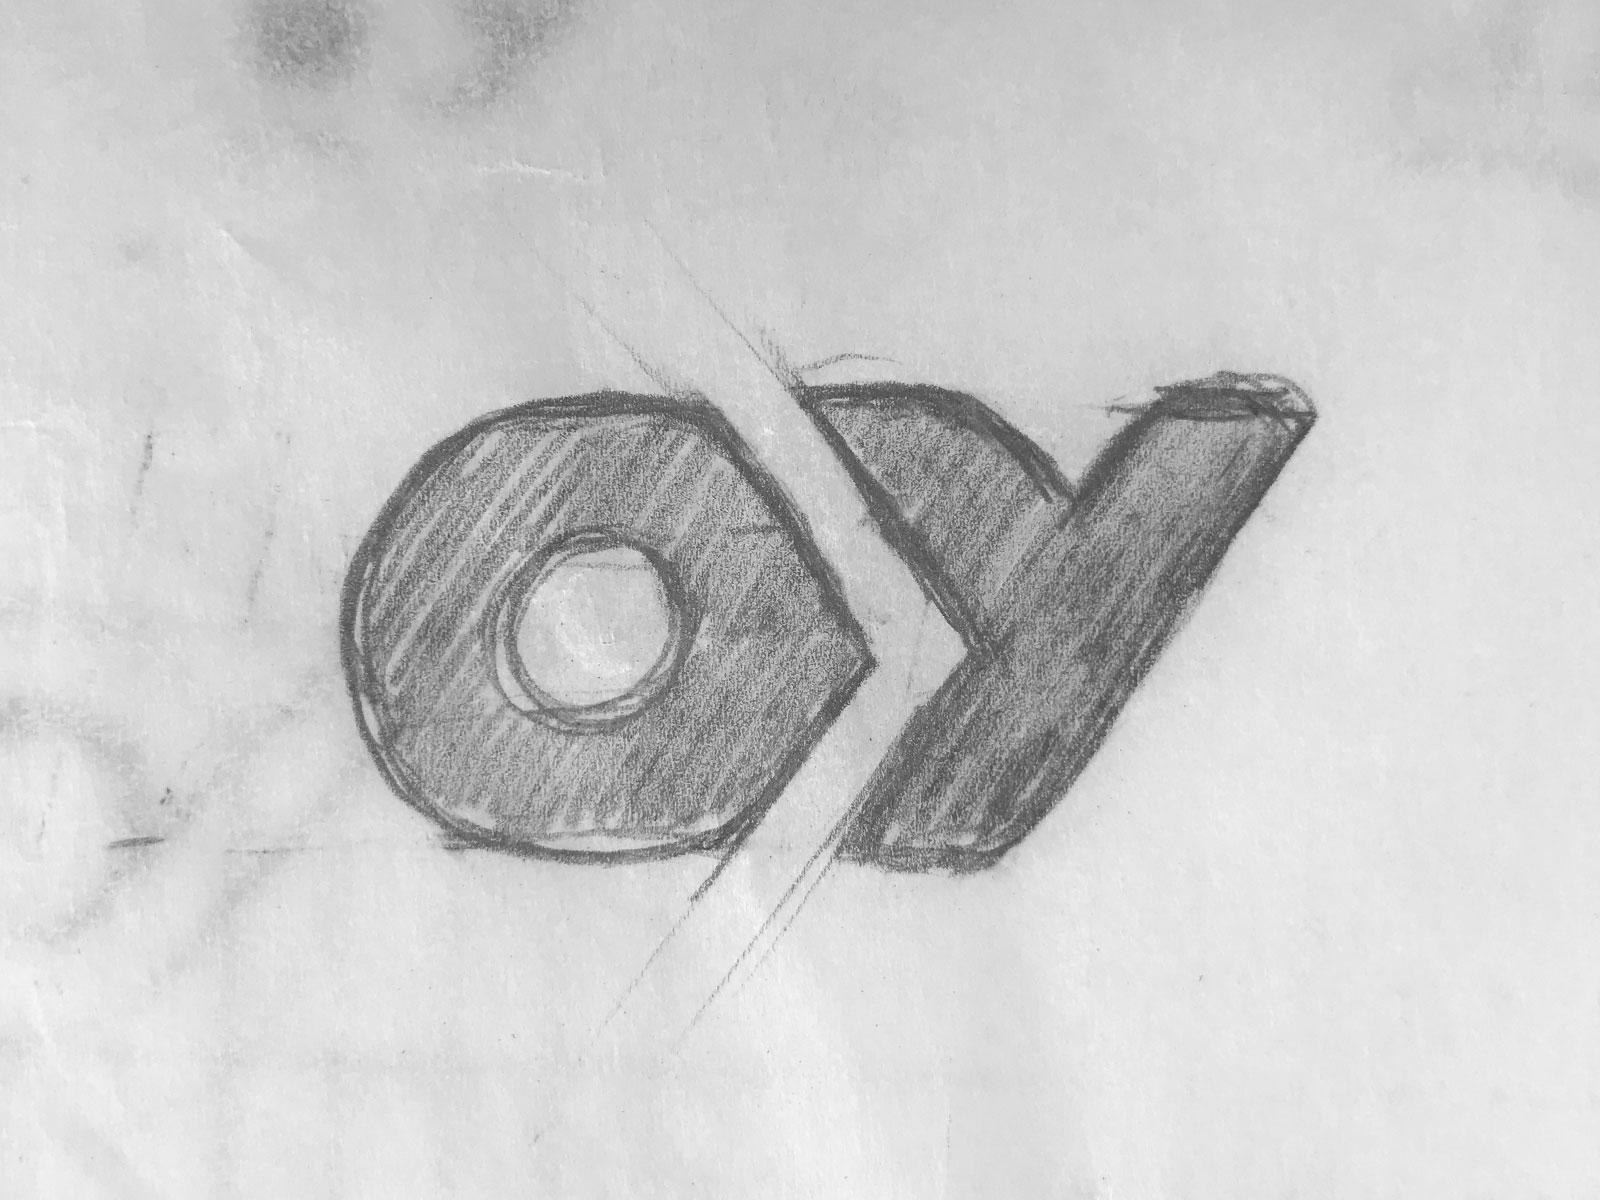 oy-sketch-02